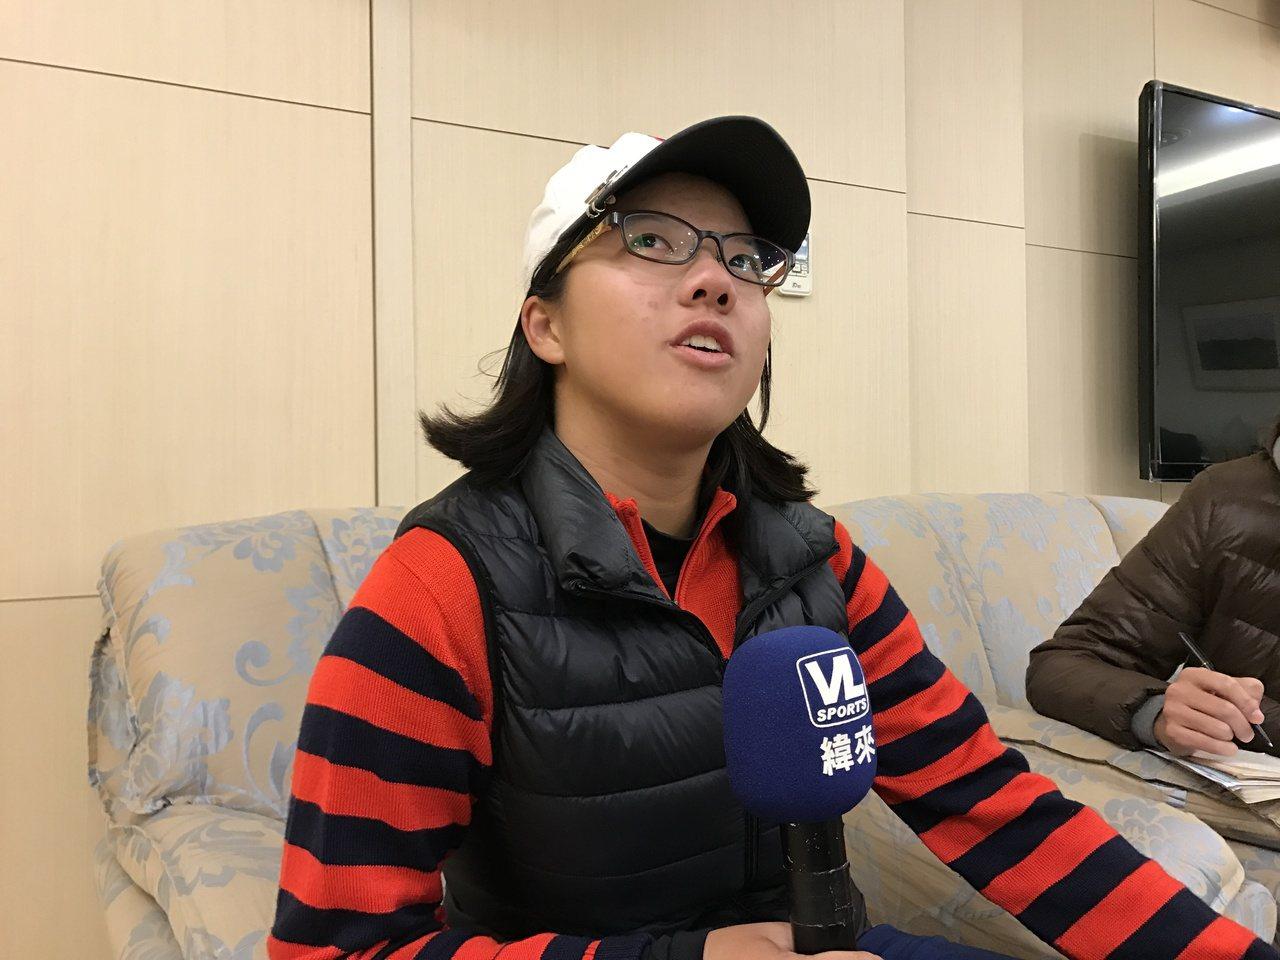 17歲業餘高球小將張雅淳持續暫居榜首。記者毛琬婷/攝影